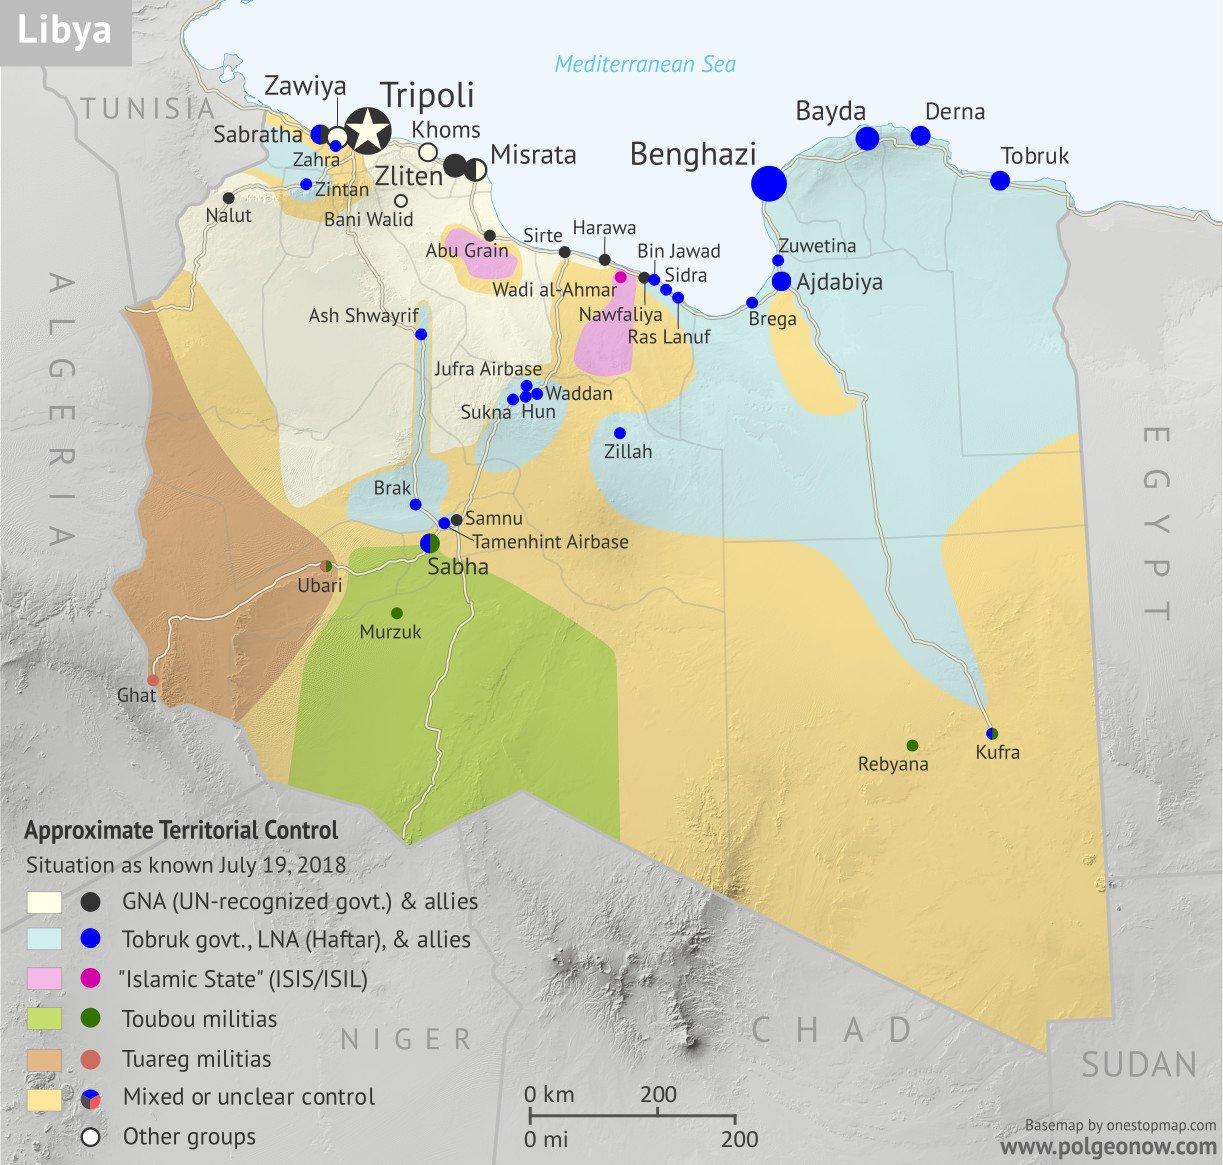 Территориальный контроль Ливии. 19.07.2018